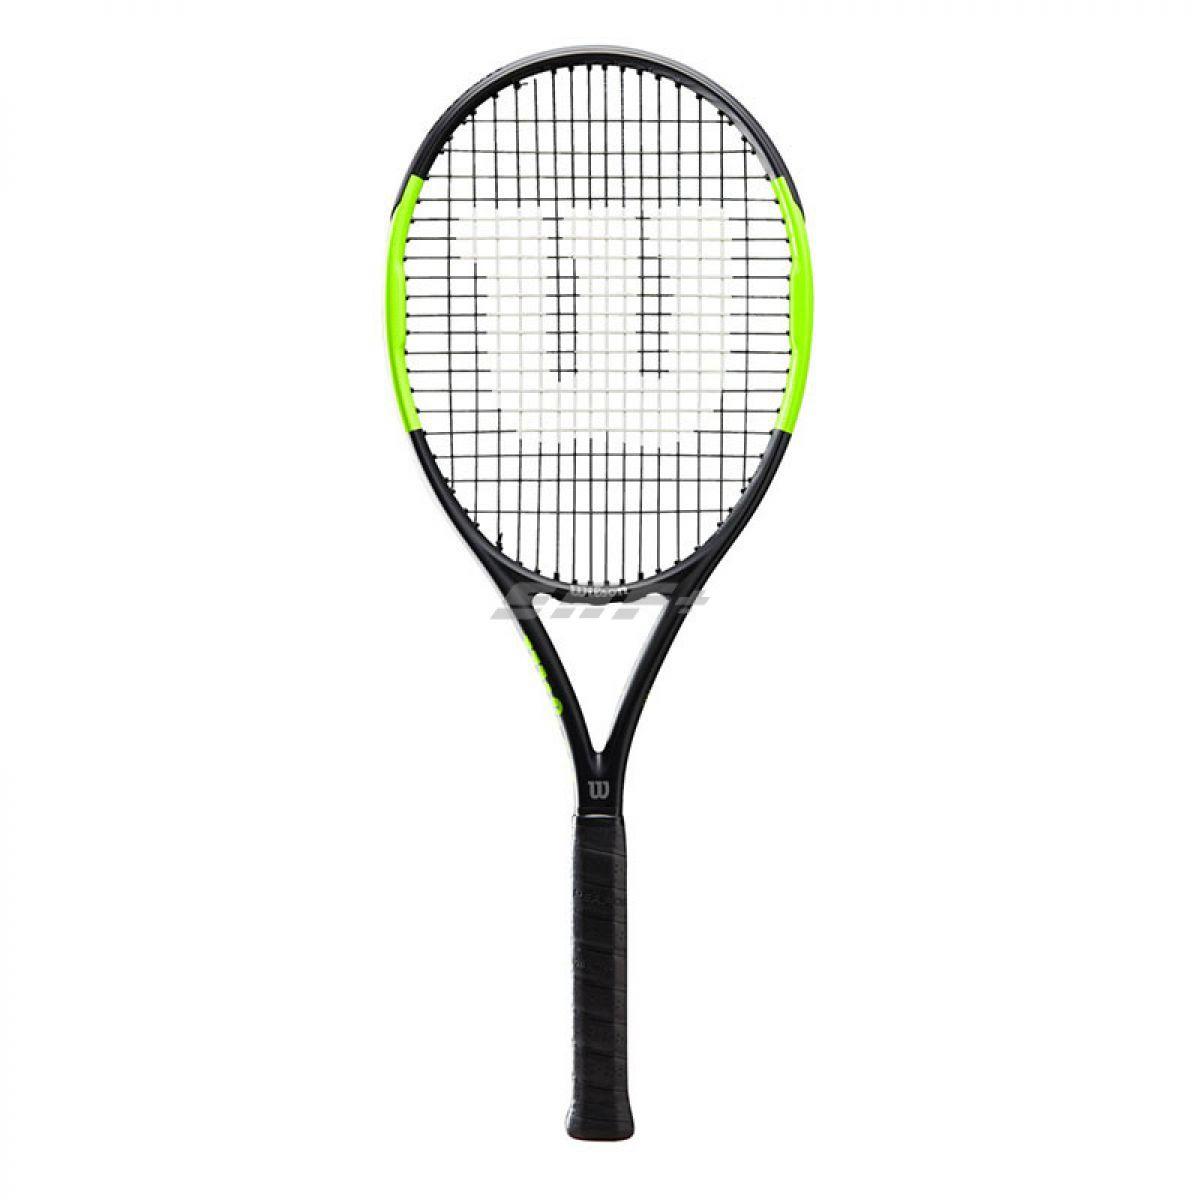 Ракетка теннисная Ракетка б/т Wilson Blade Feel Team, артWR018910U2, для любителей, со струнами, черно-зел